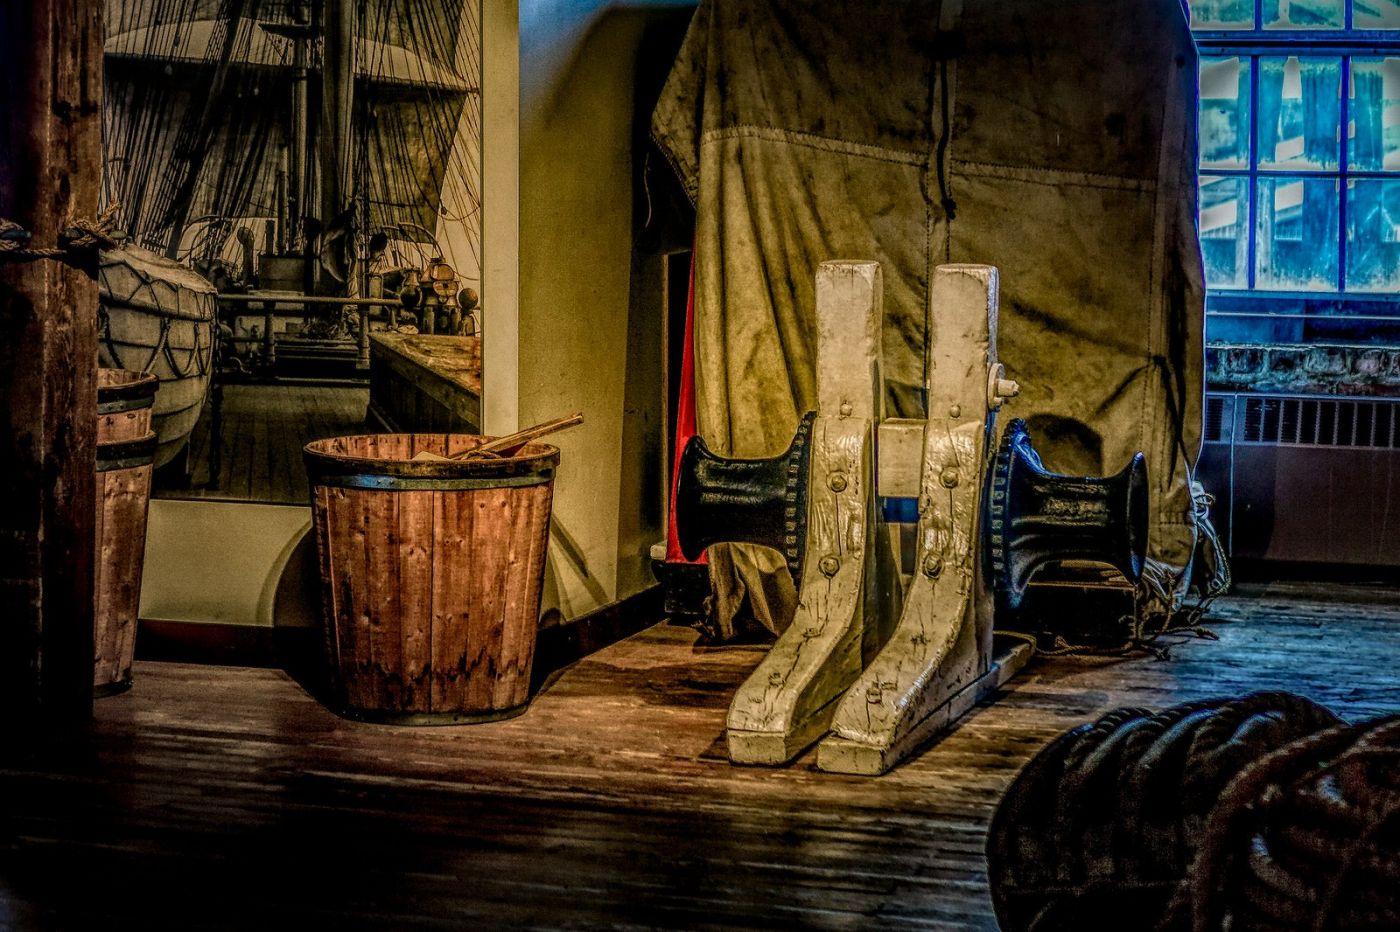 加拿大Halifax大西洋海事博物馆,展品丰富_图1-3